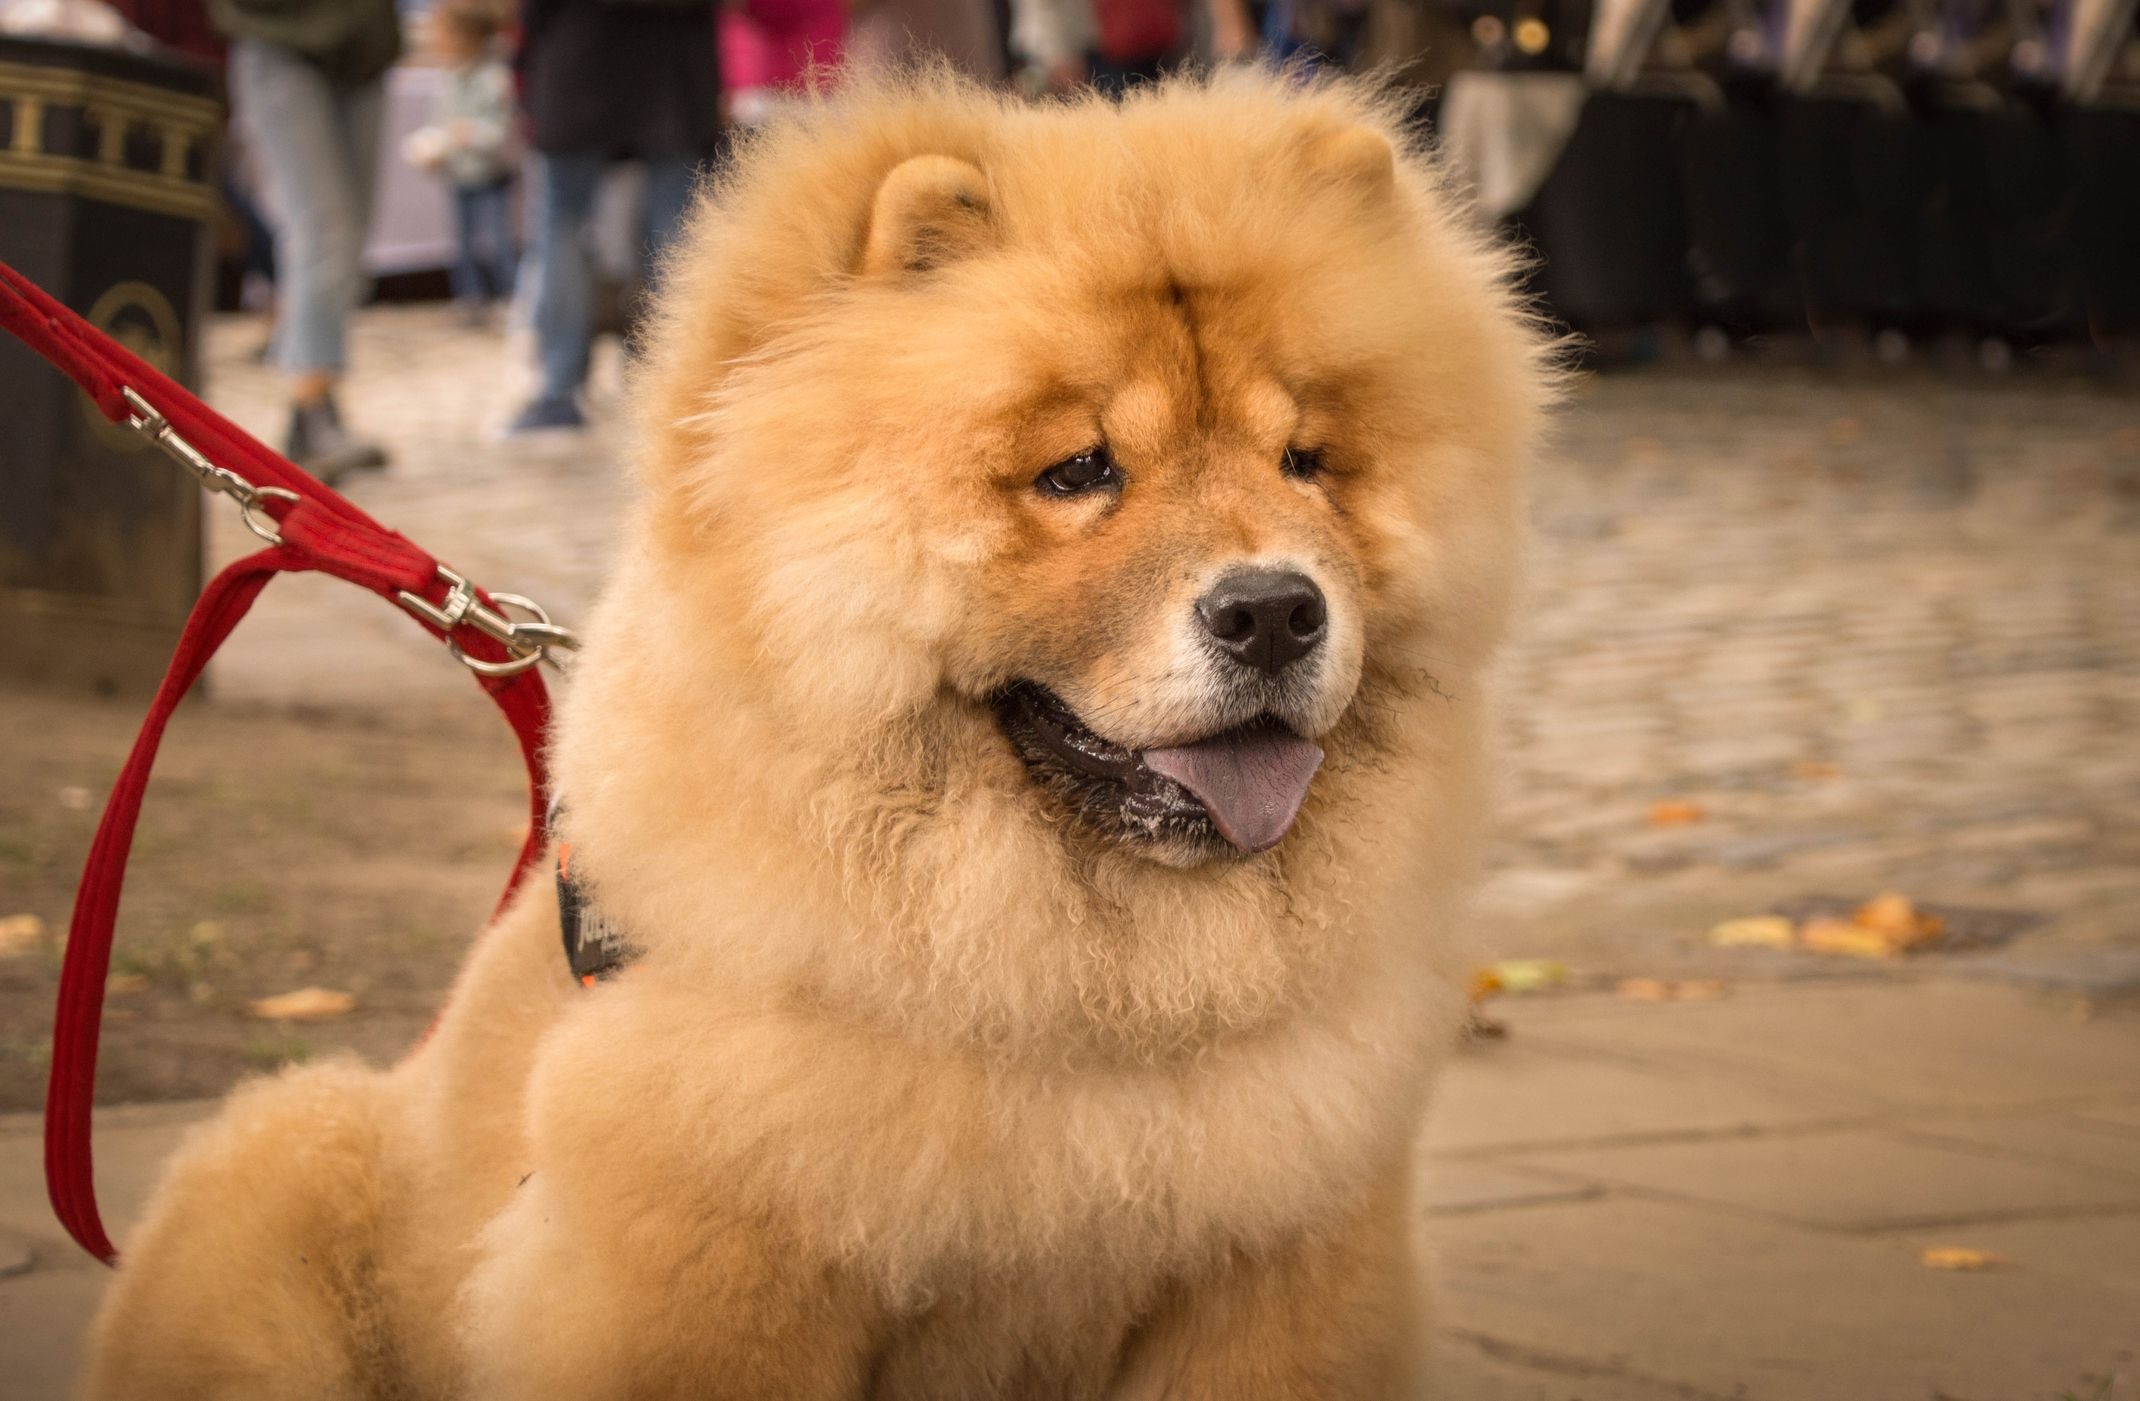 🐶 ਪੱਗ dog - ShareChat